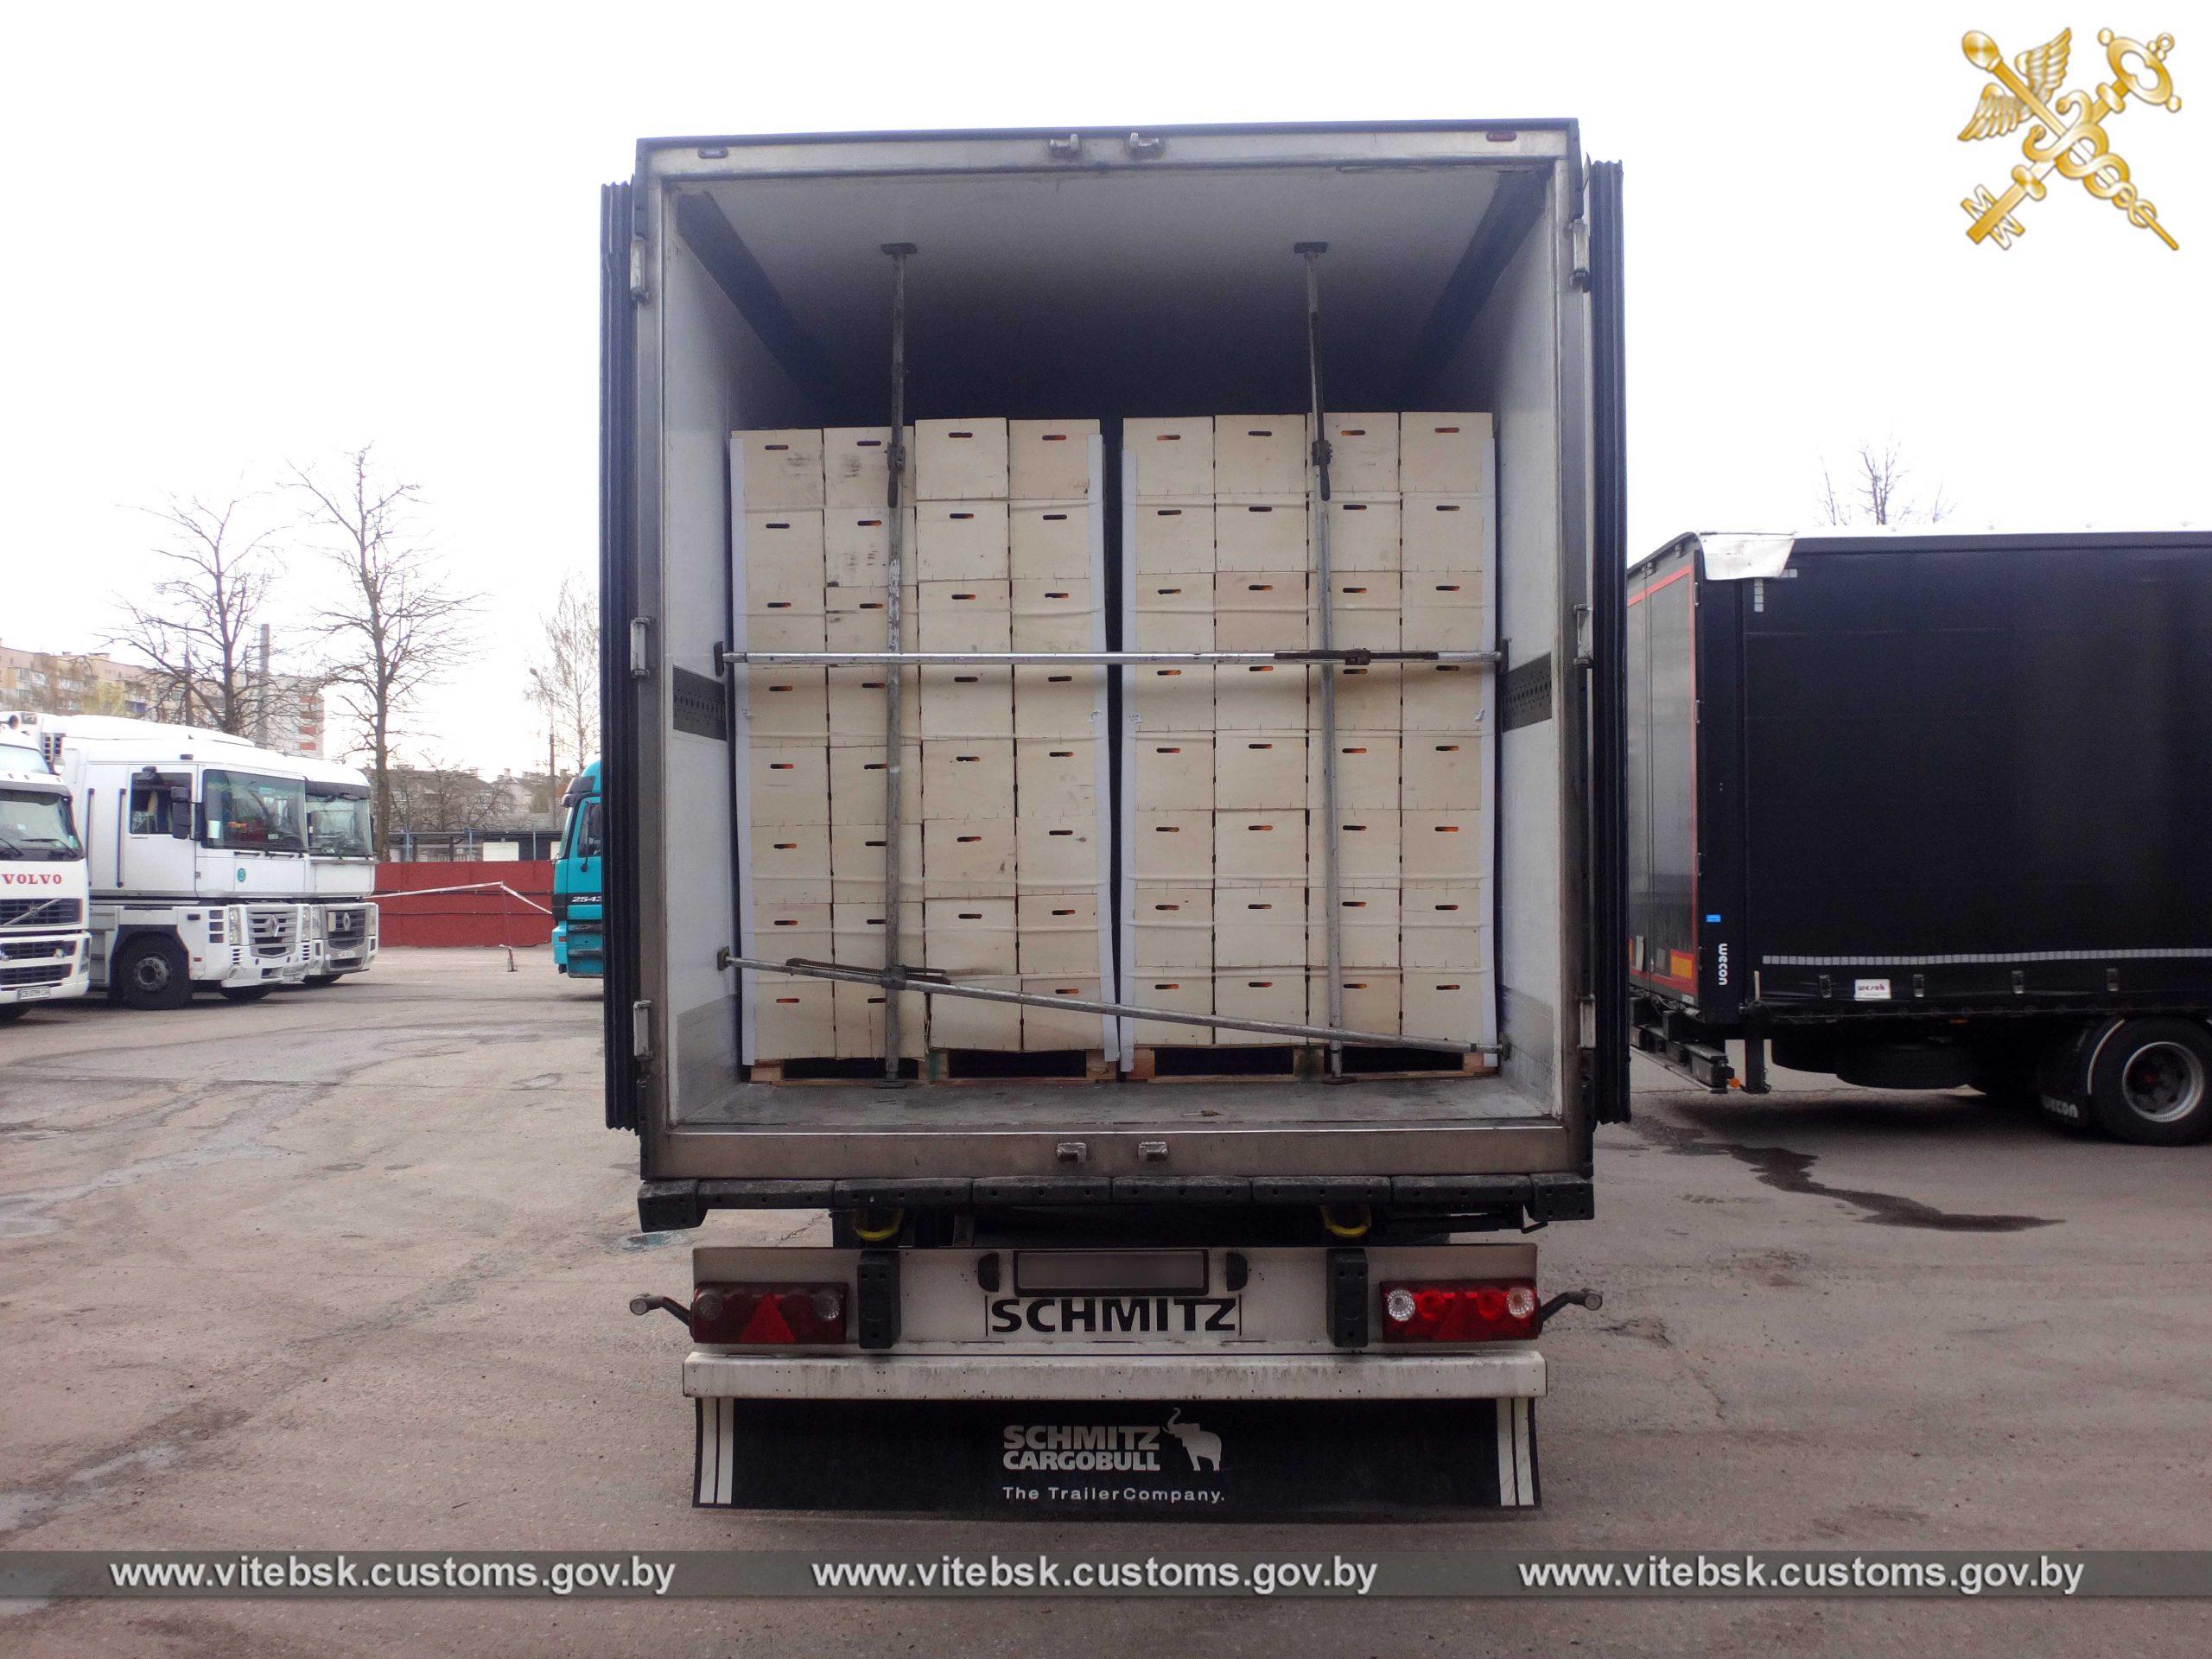 Фрукты стоимостью более 200 тыс рублей пытались вывезти из Беларуси нелегально